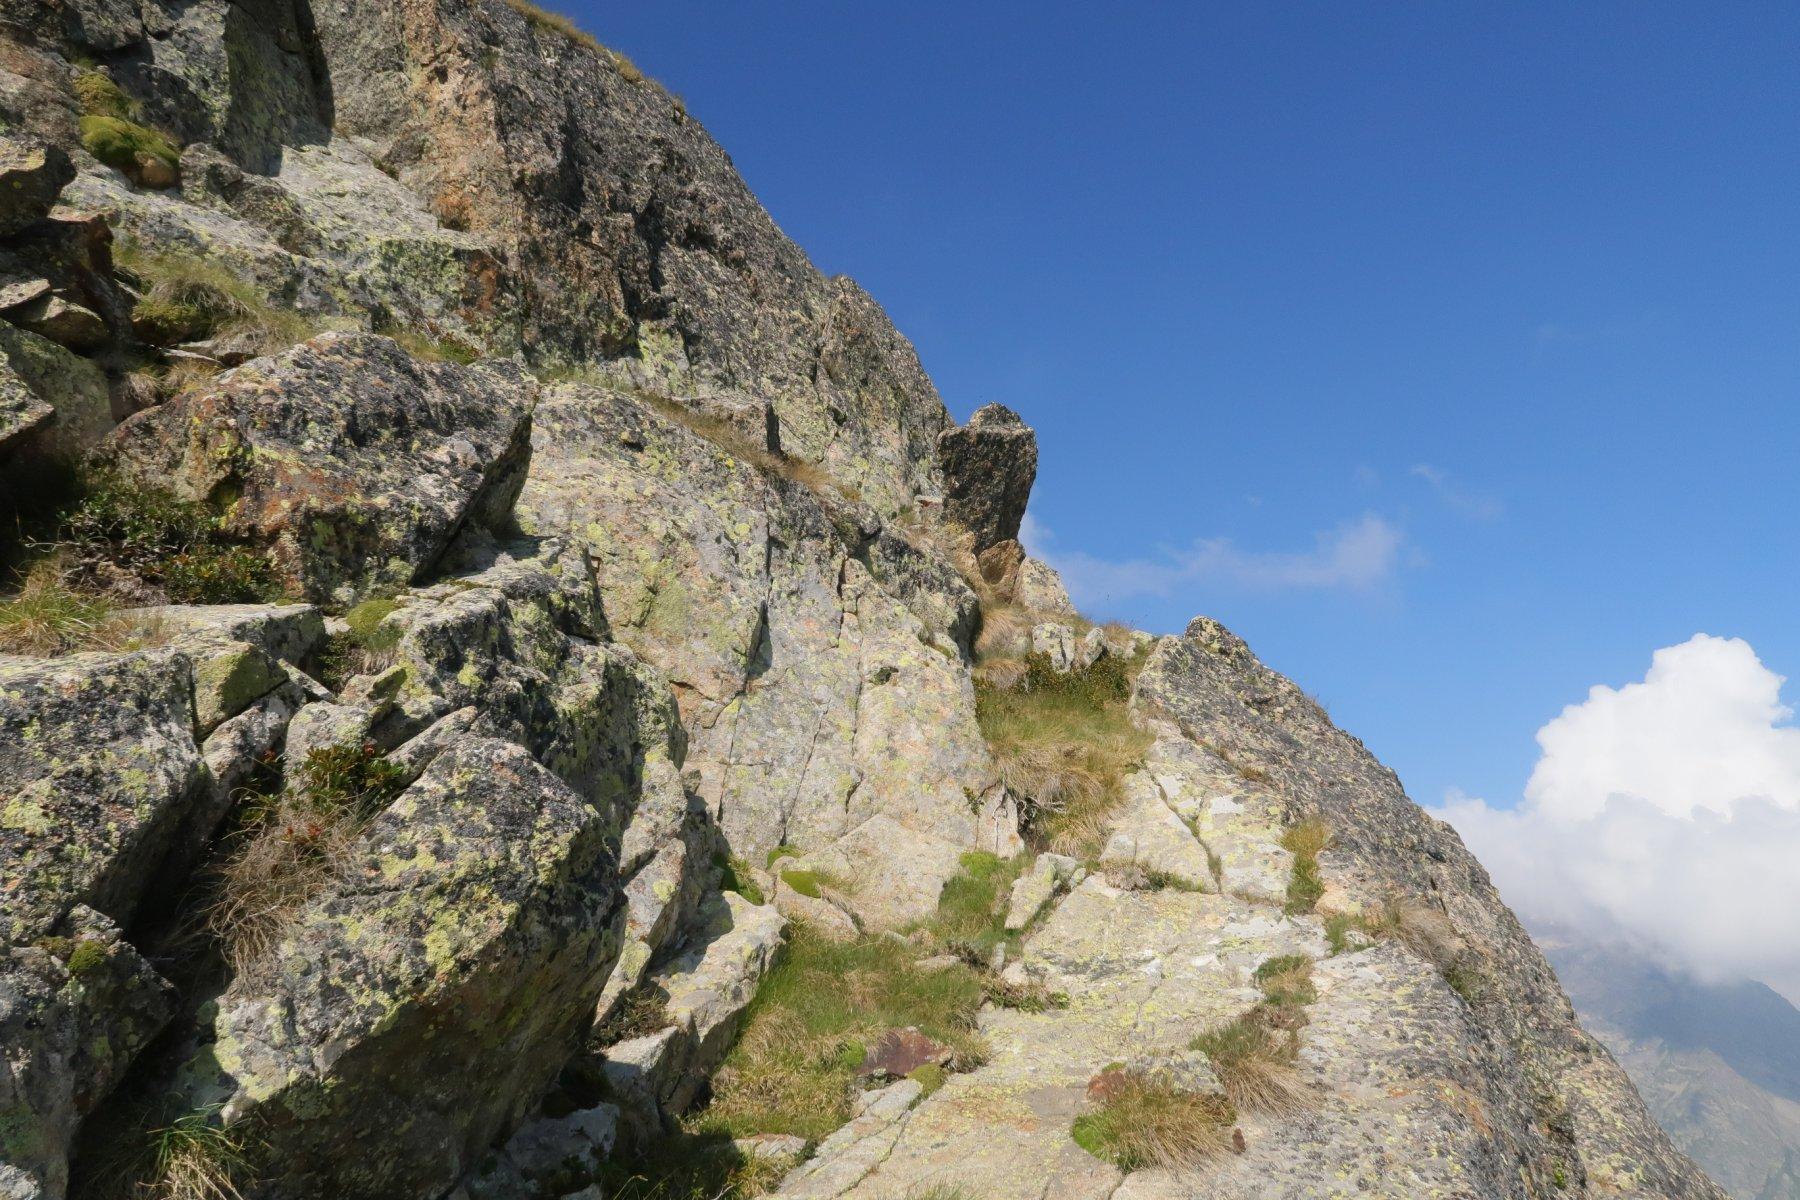 La cima della cengia ascendente che porta in cresta, con la caratteristica roccetta che si staglia nel cielo